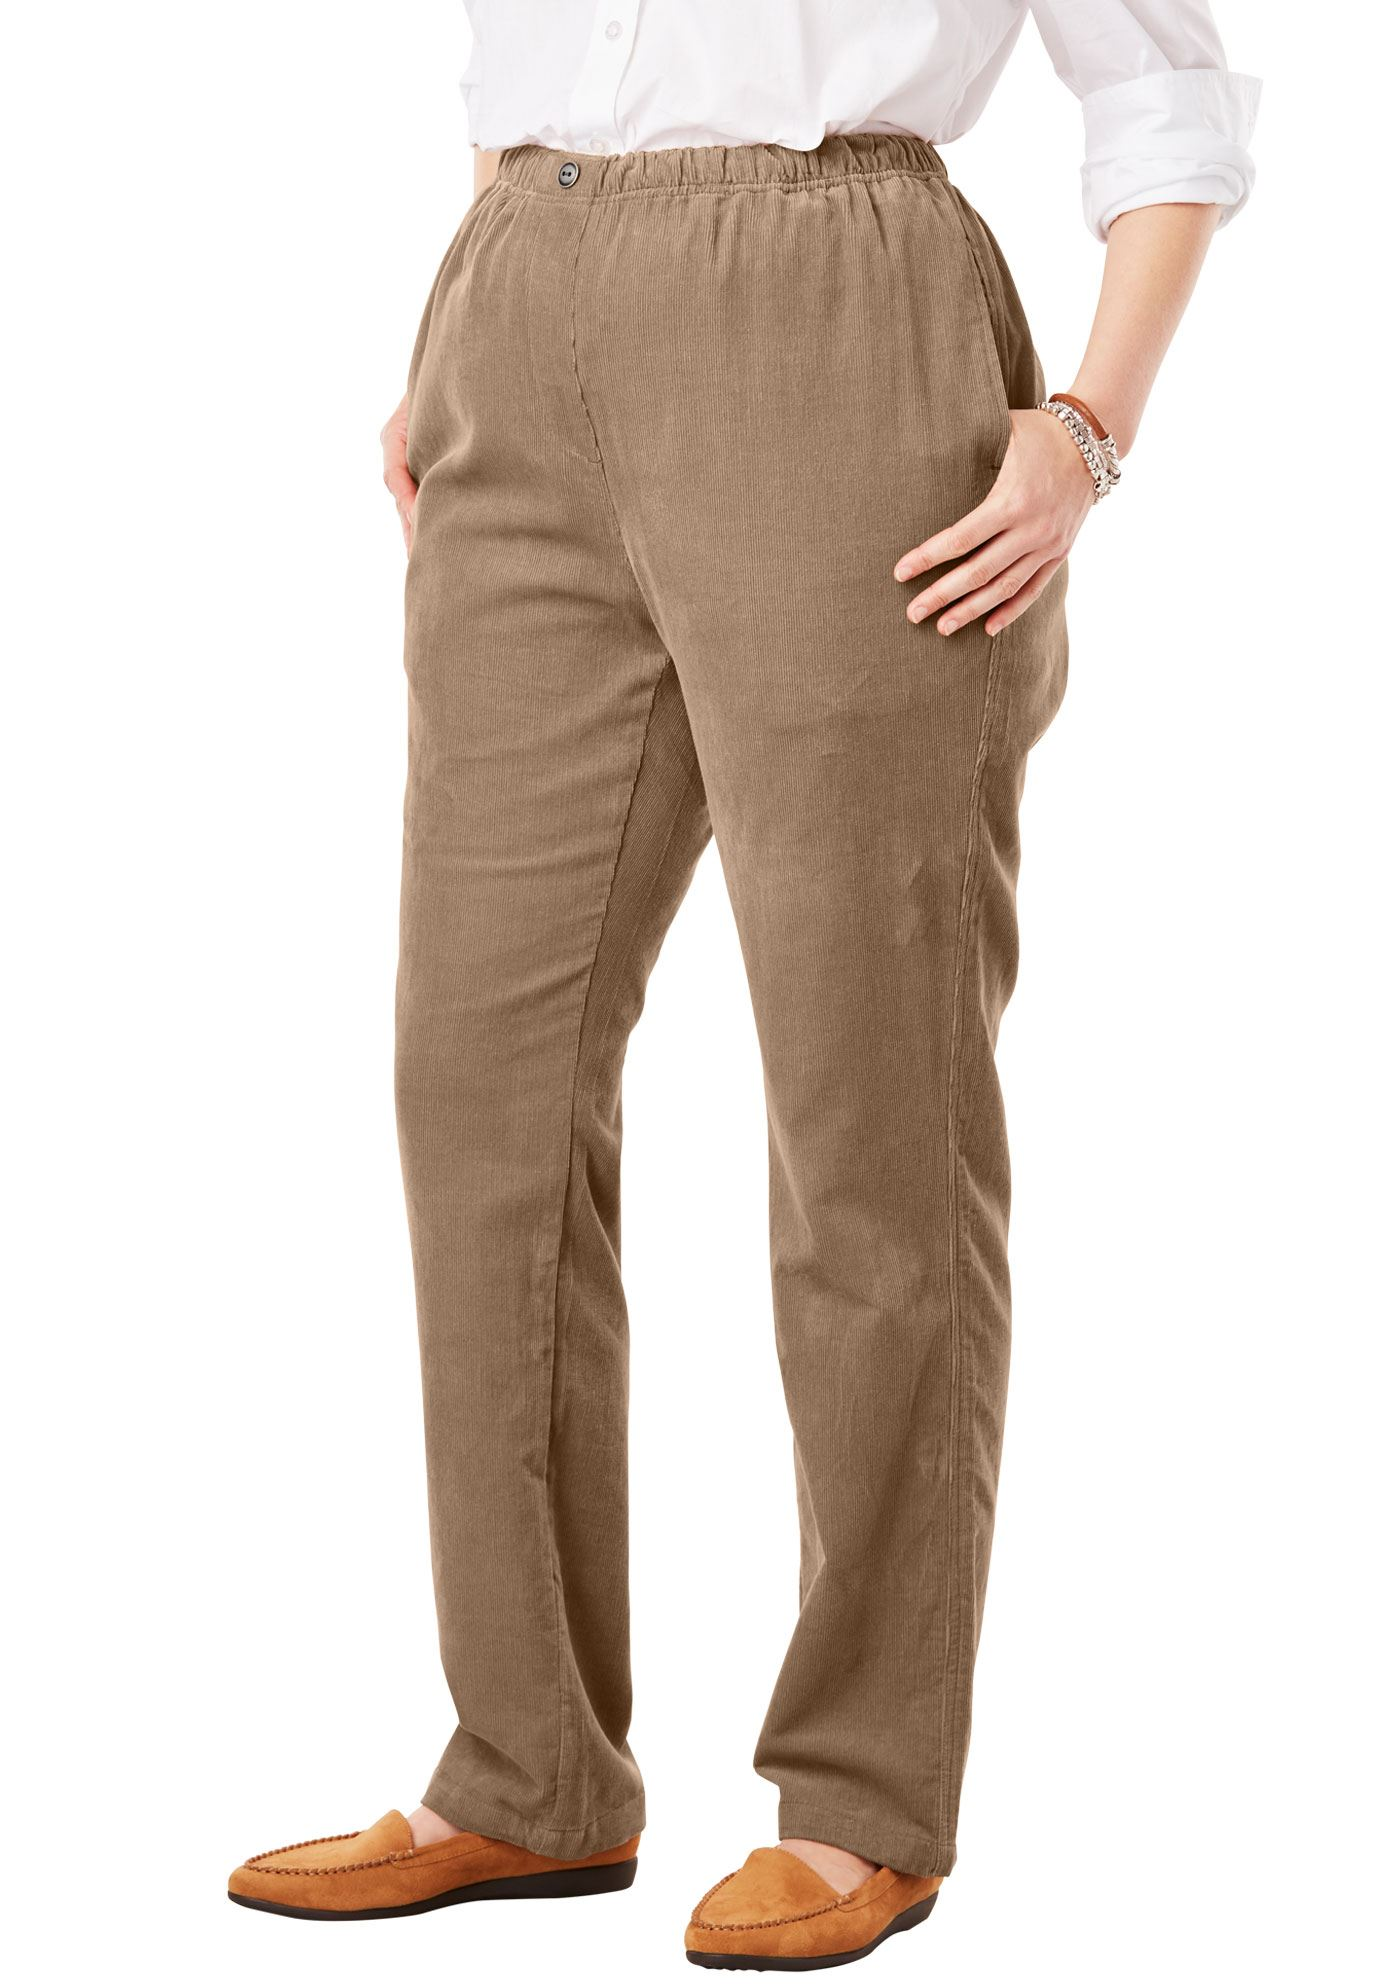 ingenuity-clothing-pants-petite-sizes-chunky-bunny-fucking